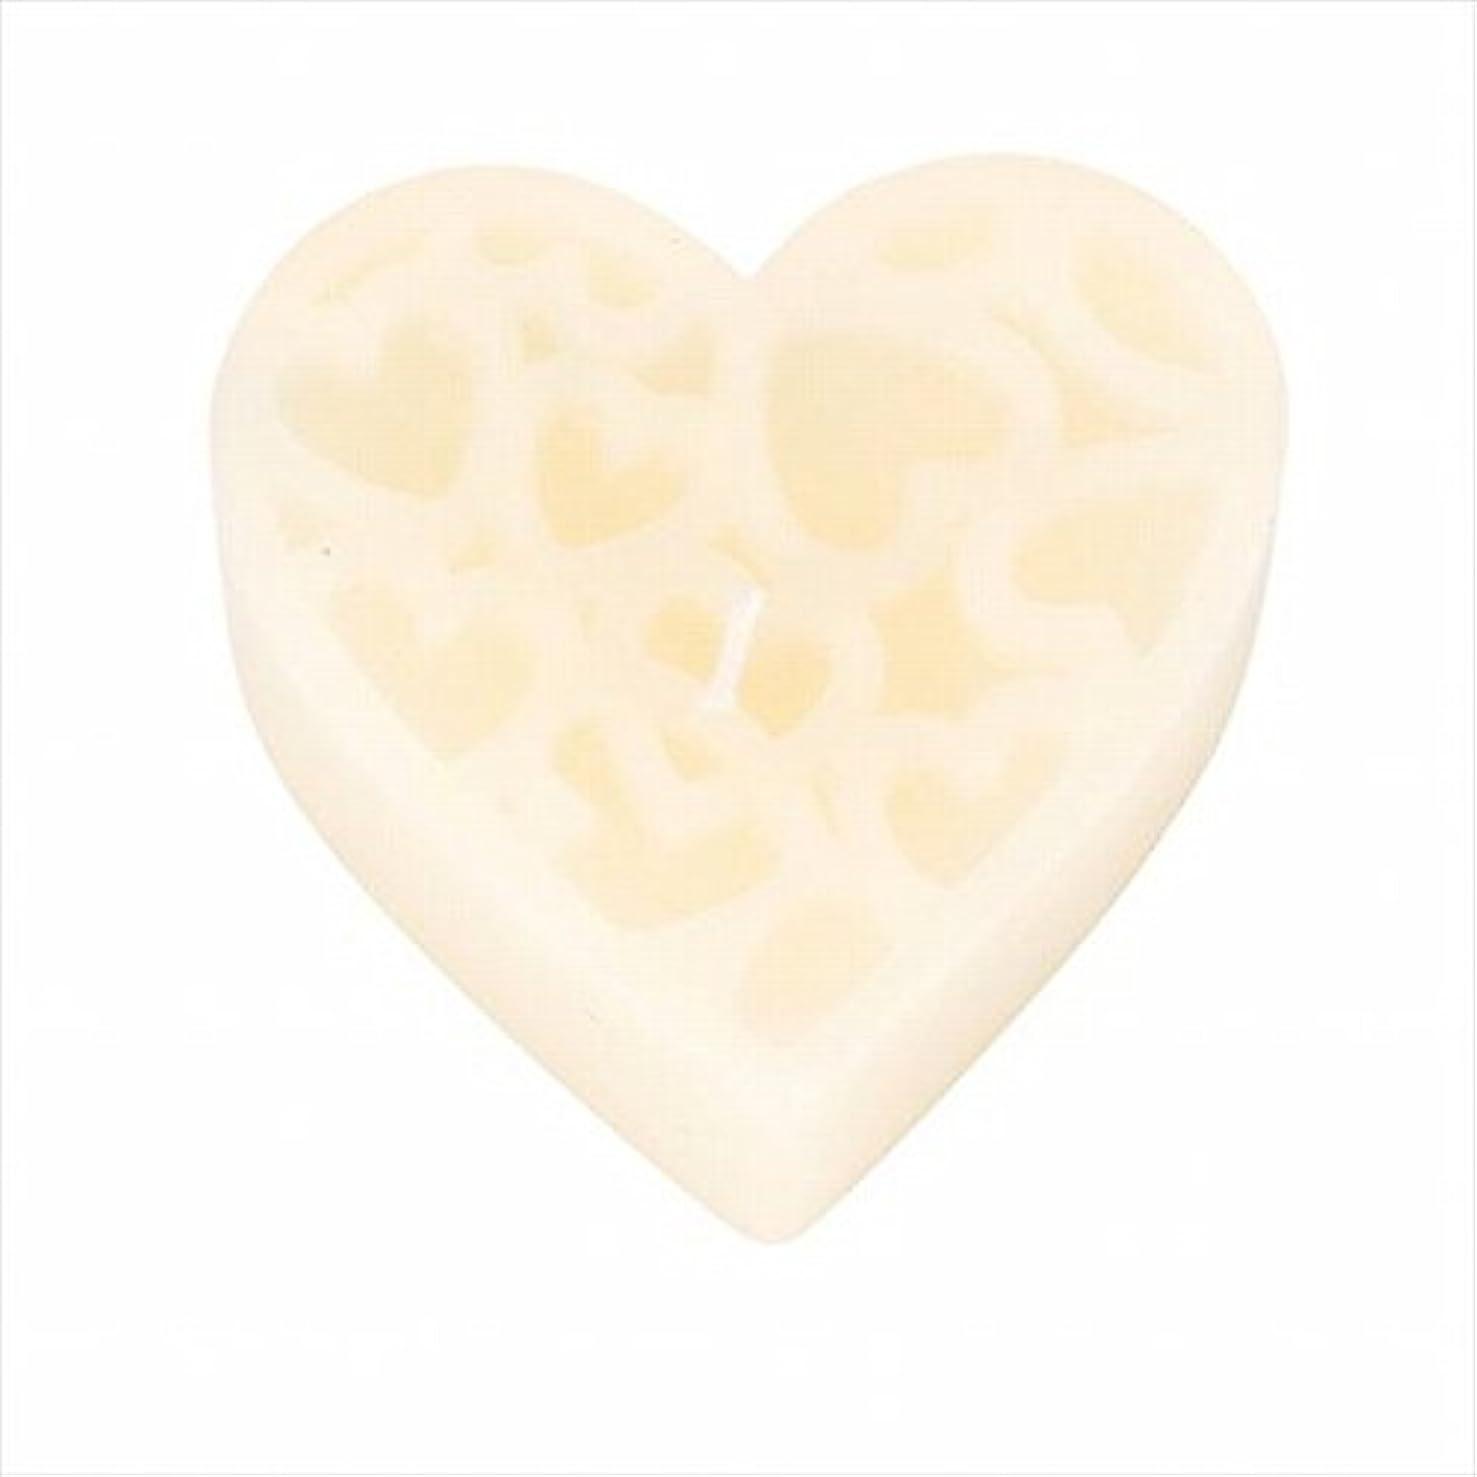 消毒剤ソファー悪性腫瘍カメヤマキャンドル(kameyama candle) モンクール 「 アイボリー 」